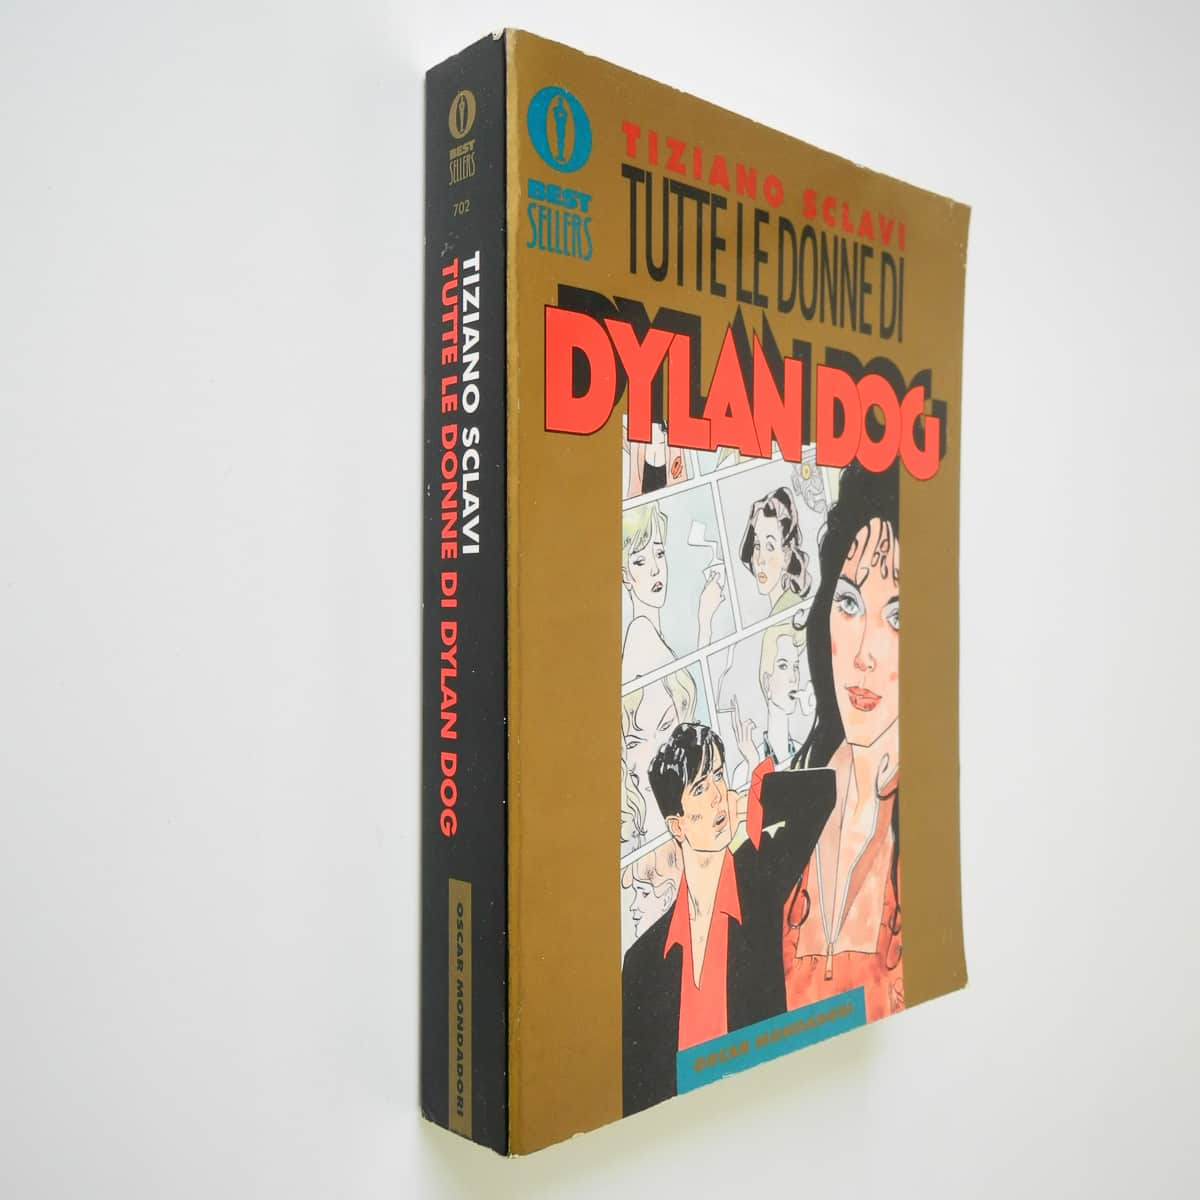 Dylan Dog Tutte le Donne Mondadori